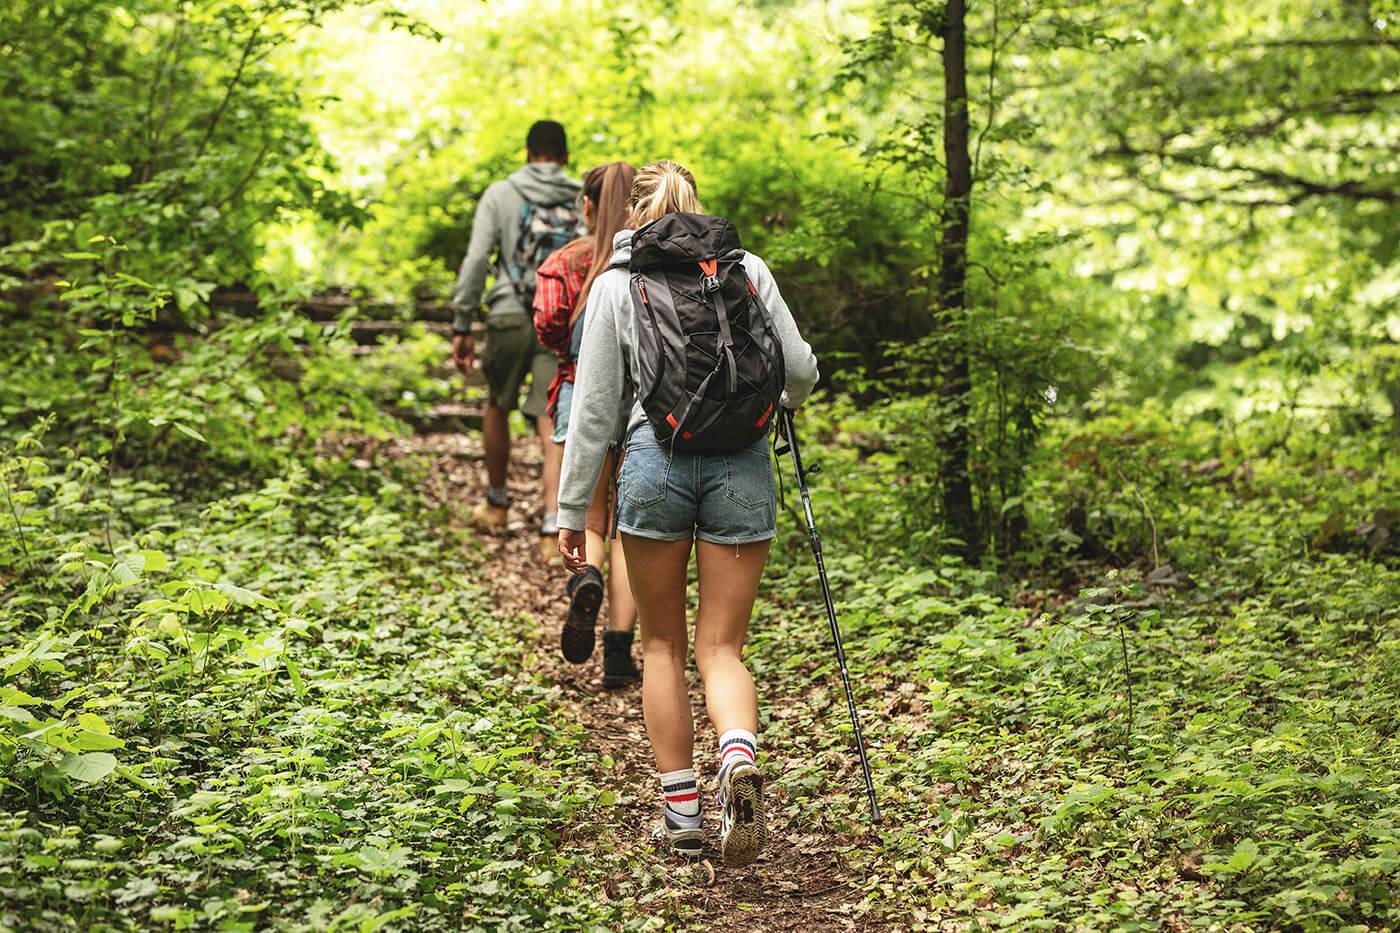 Wandergruppe im Wald - Fasten und wandern